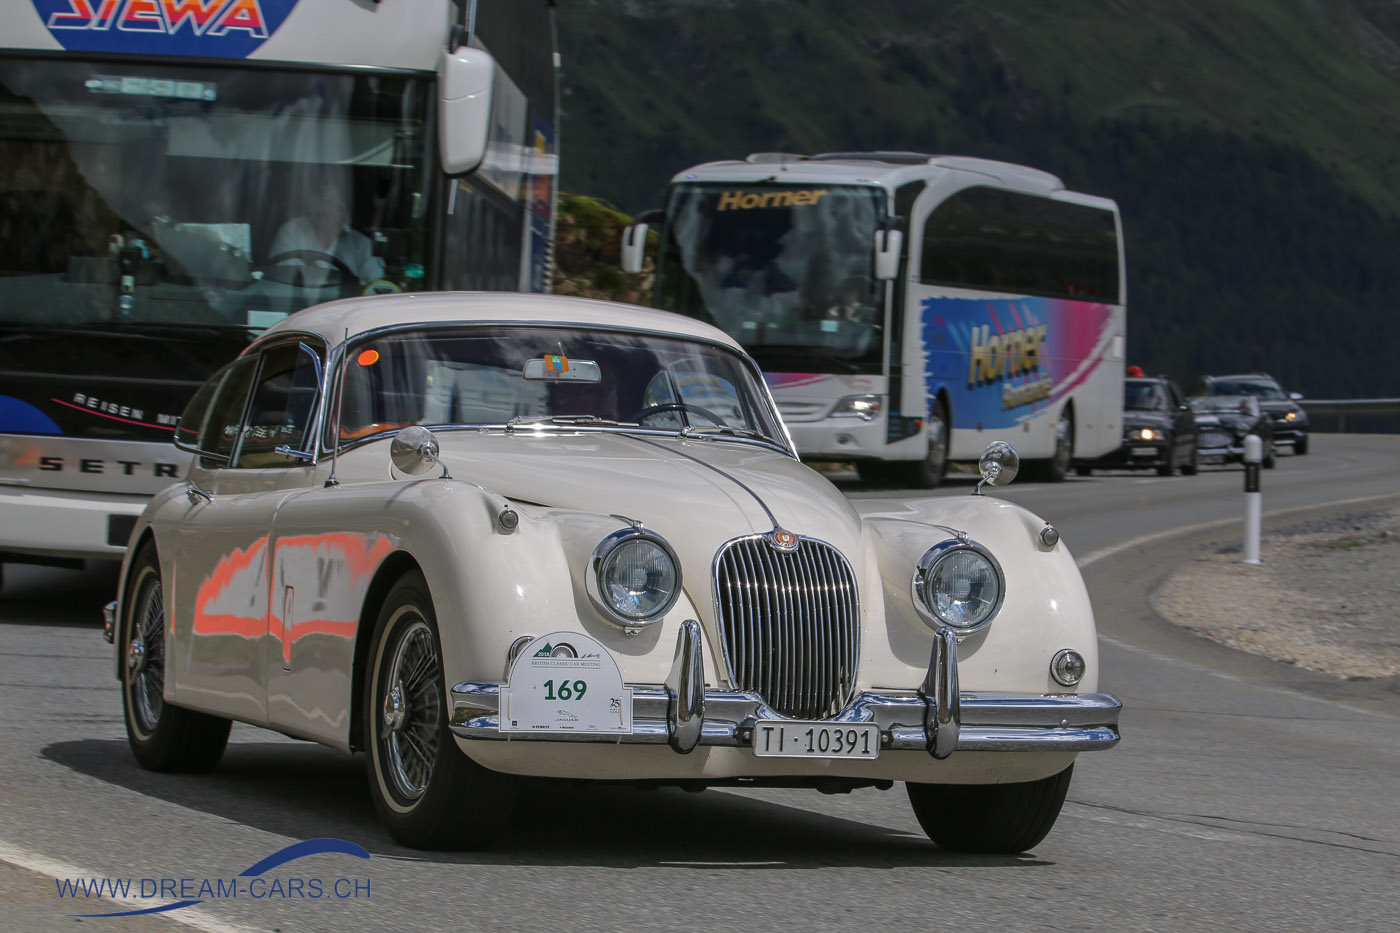 BCCM - British Classic Car Meeting St. Moritz, 5. bis 8. Juli 2018. Ein Jaguar XK 150 zieht eine lange Kolonne hinter sicher her